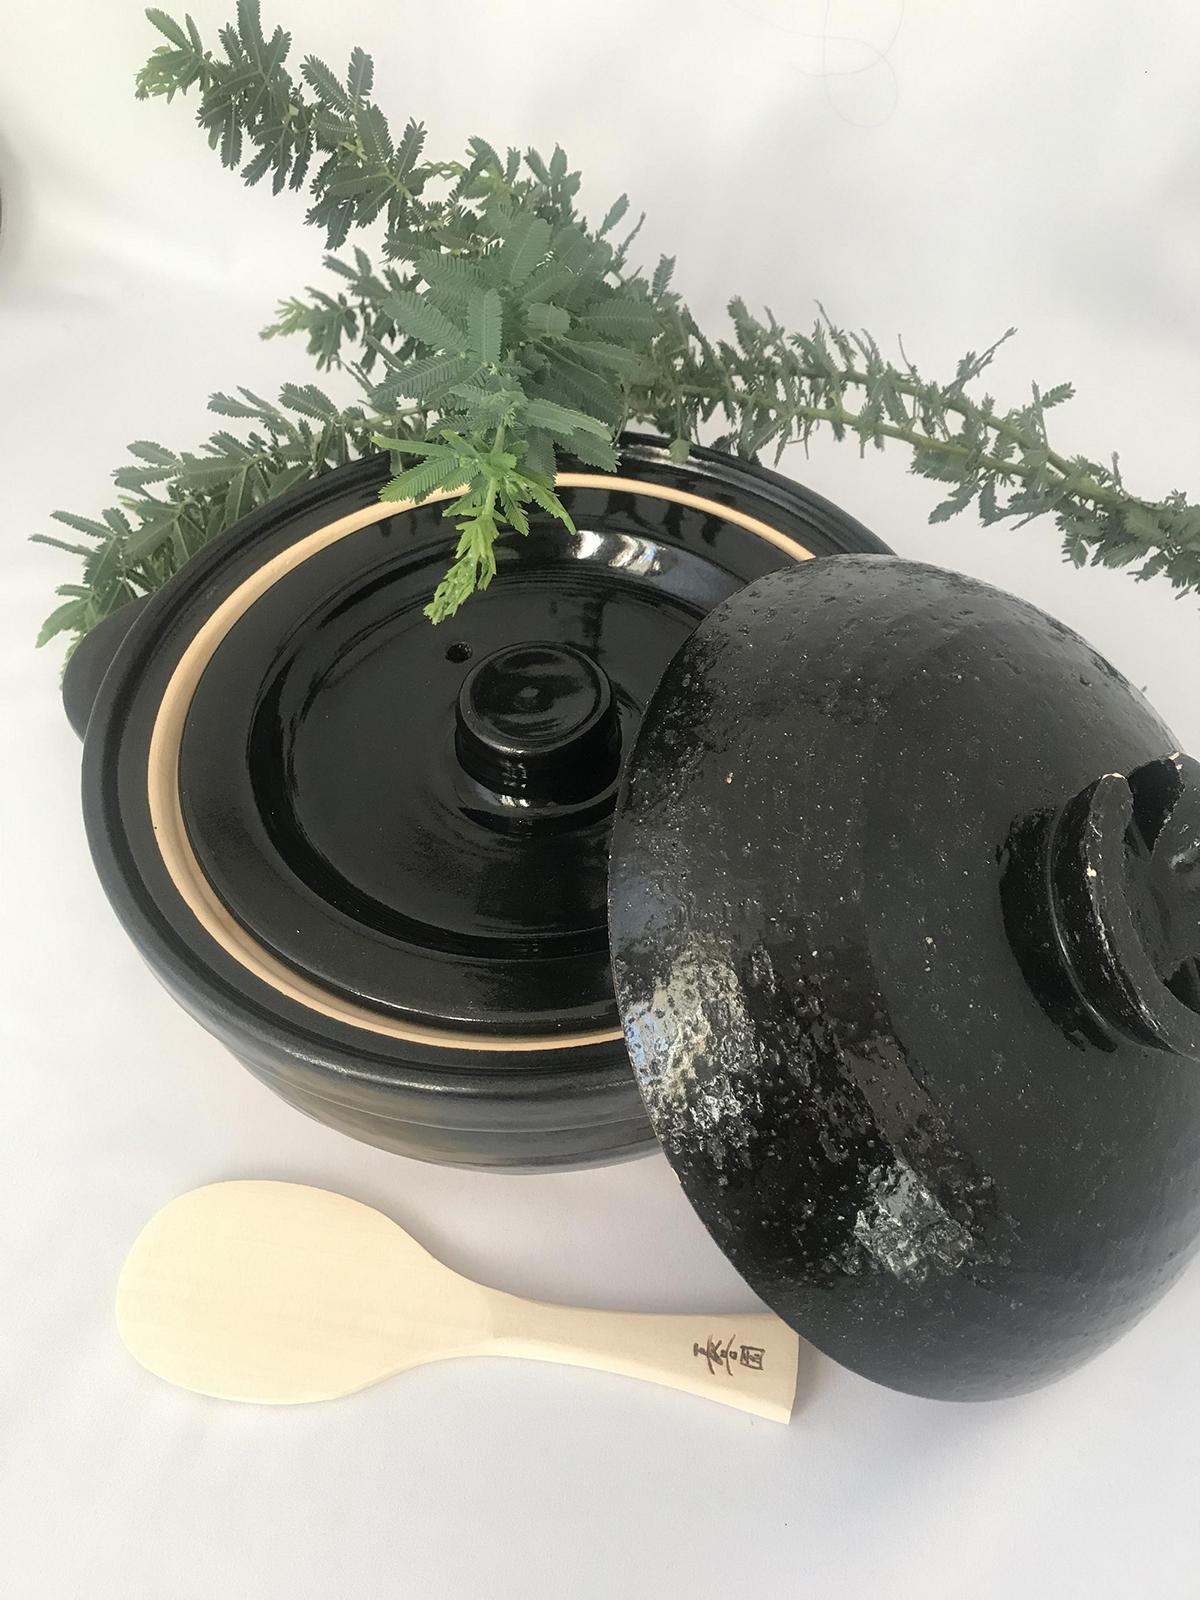 中蓋つきの土鍋。この中蓋で自然な圧力が掛かる。